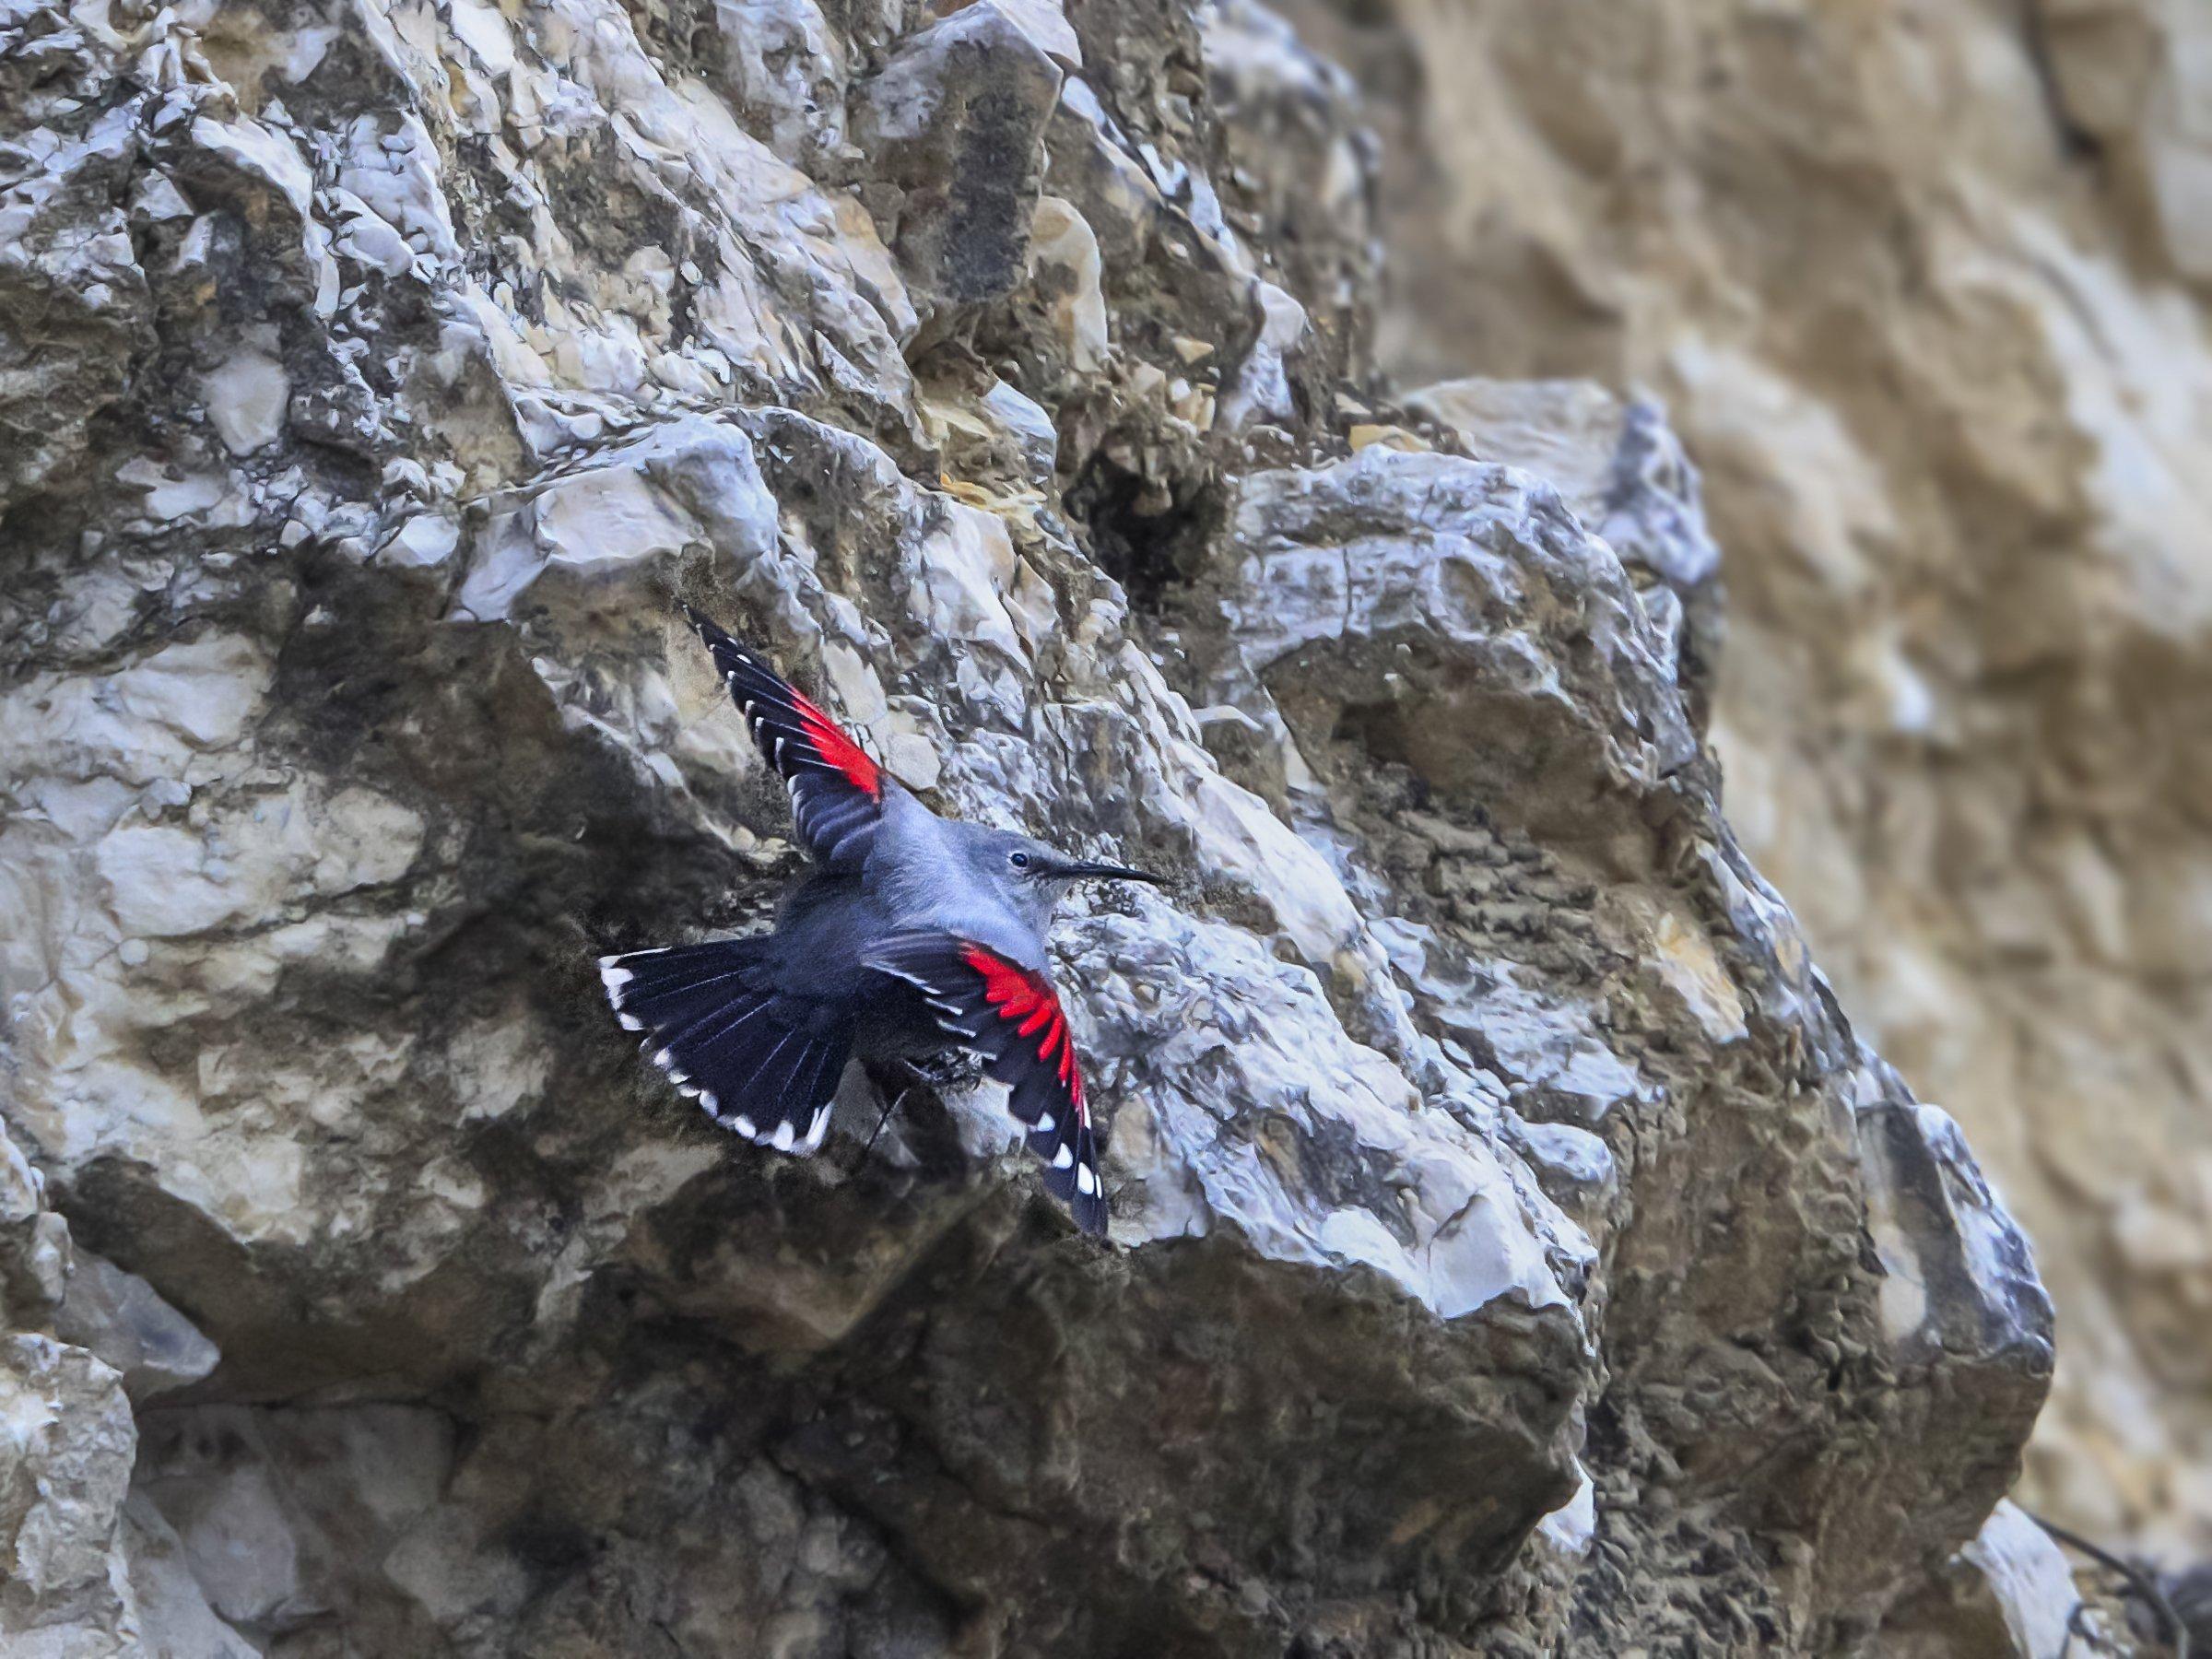 Der Mauerläufer (Tichodroma muraria) an einer Felswand.